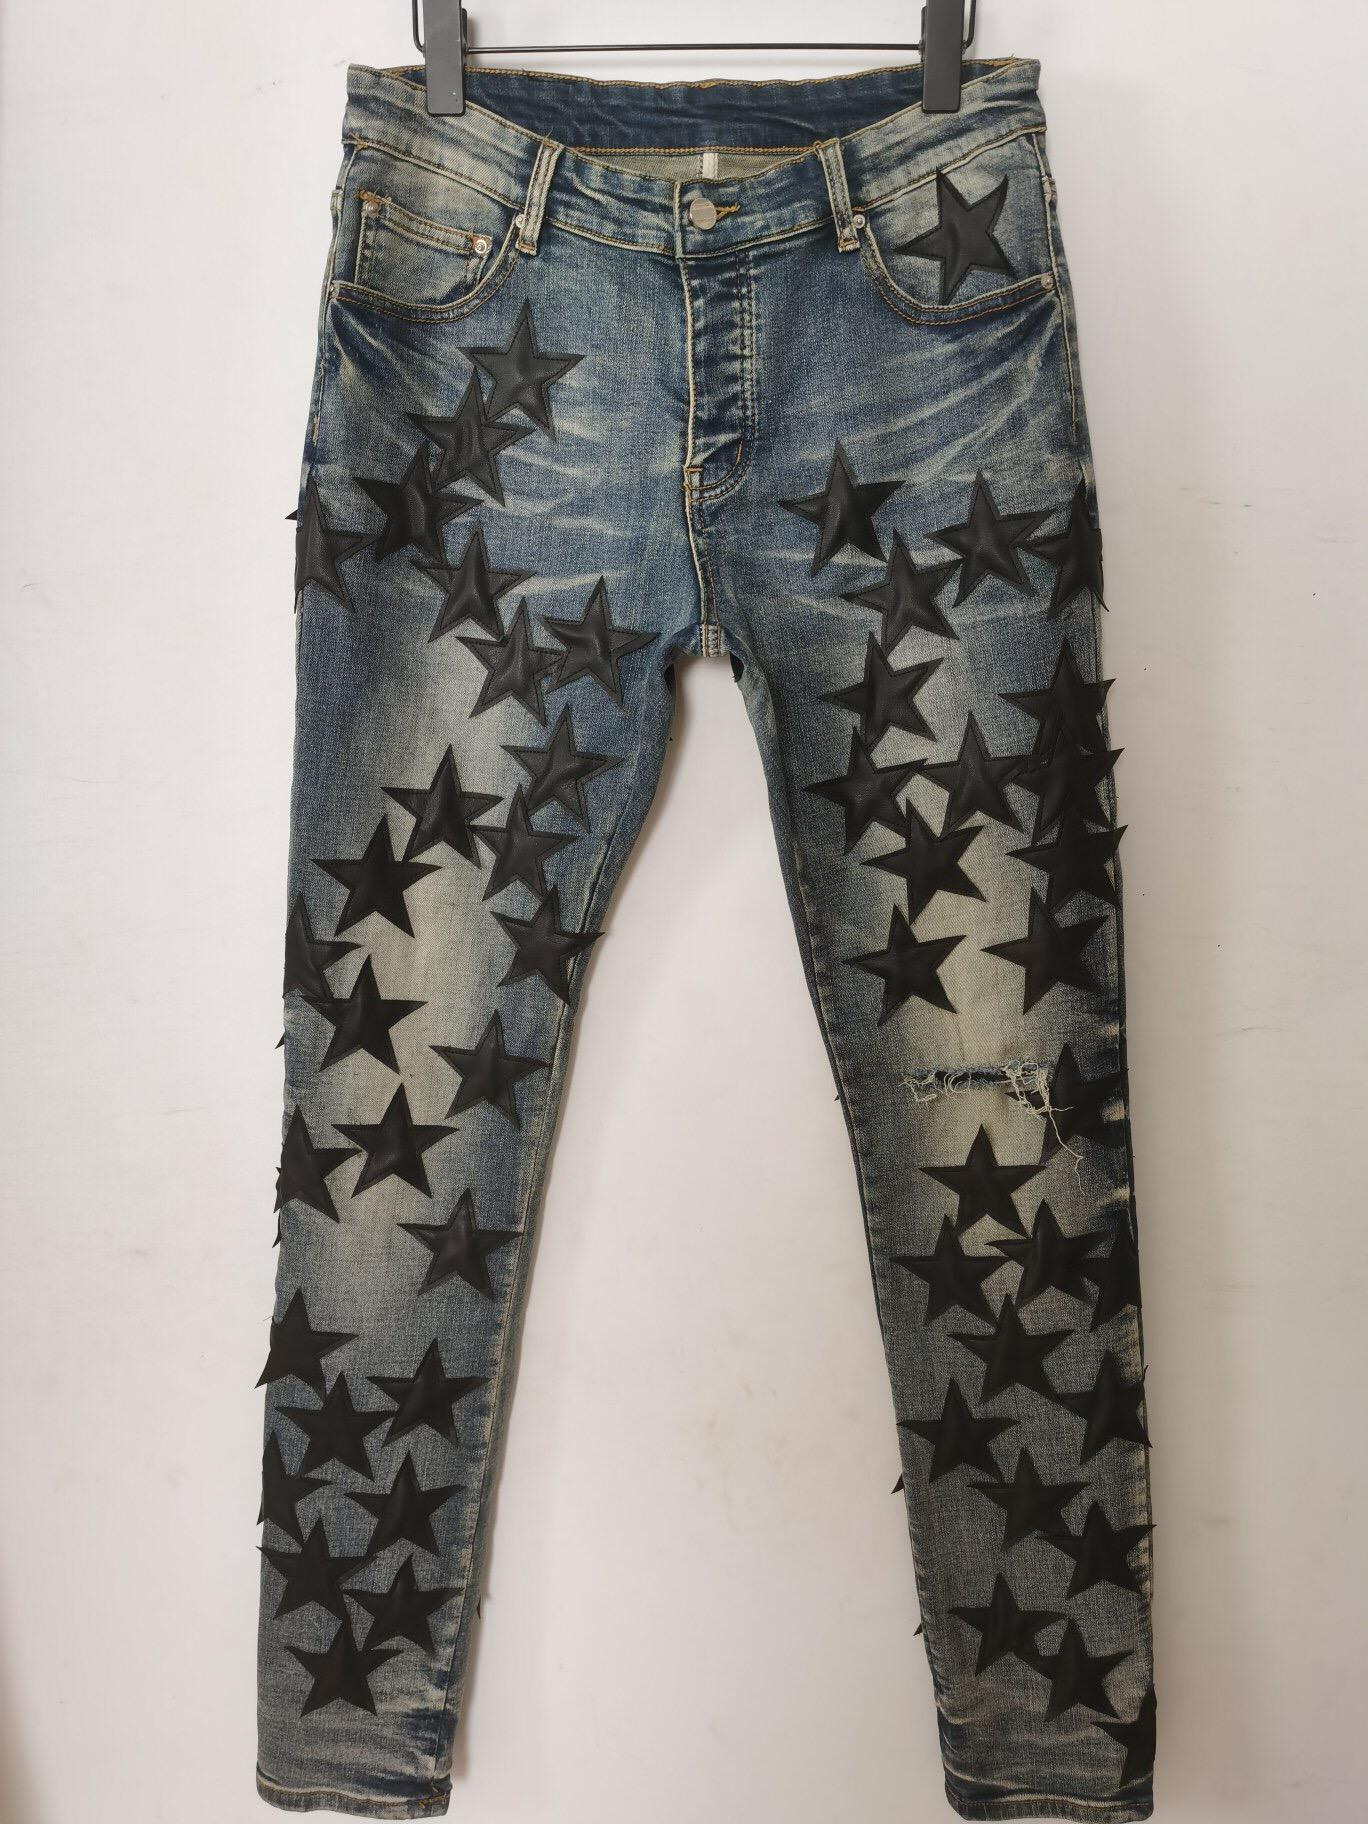 جينز جينز السراويل طويلة نحيل جلد الخام خمسة نجمة تدمر لحاف ممزق حفرة مصمم الأزياء جان الرجال مصممين الملابس